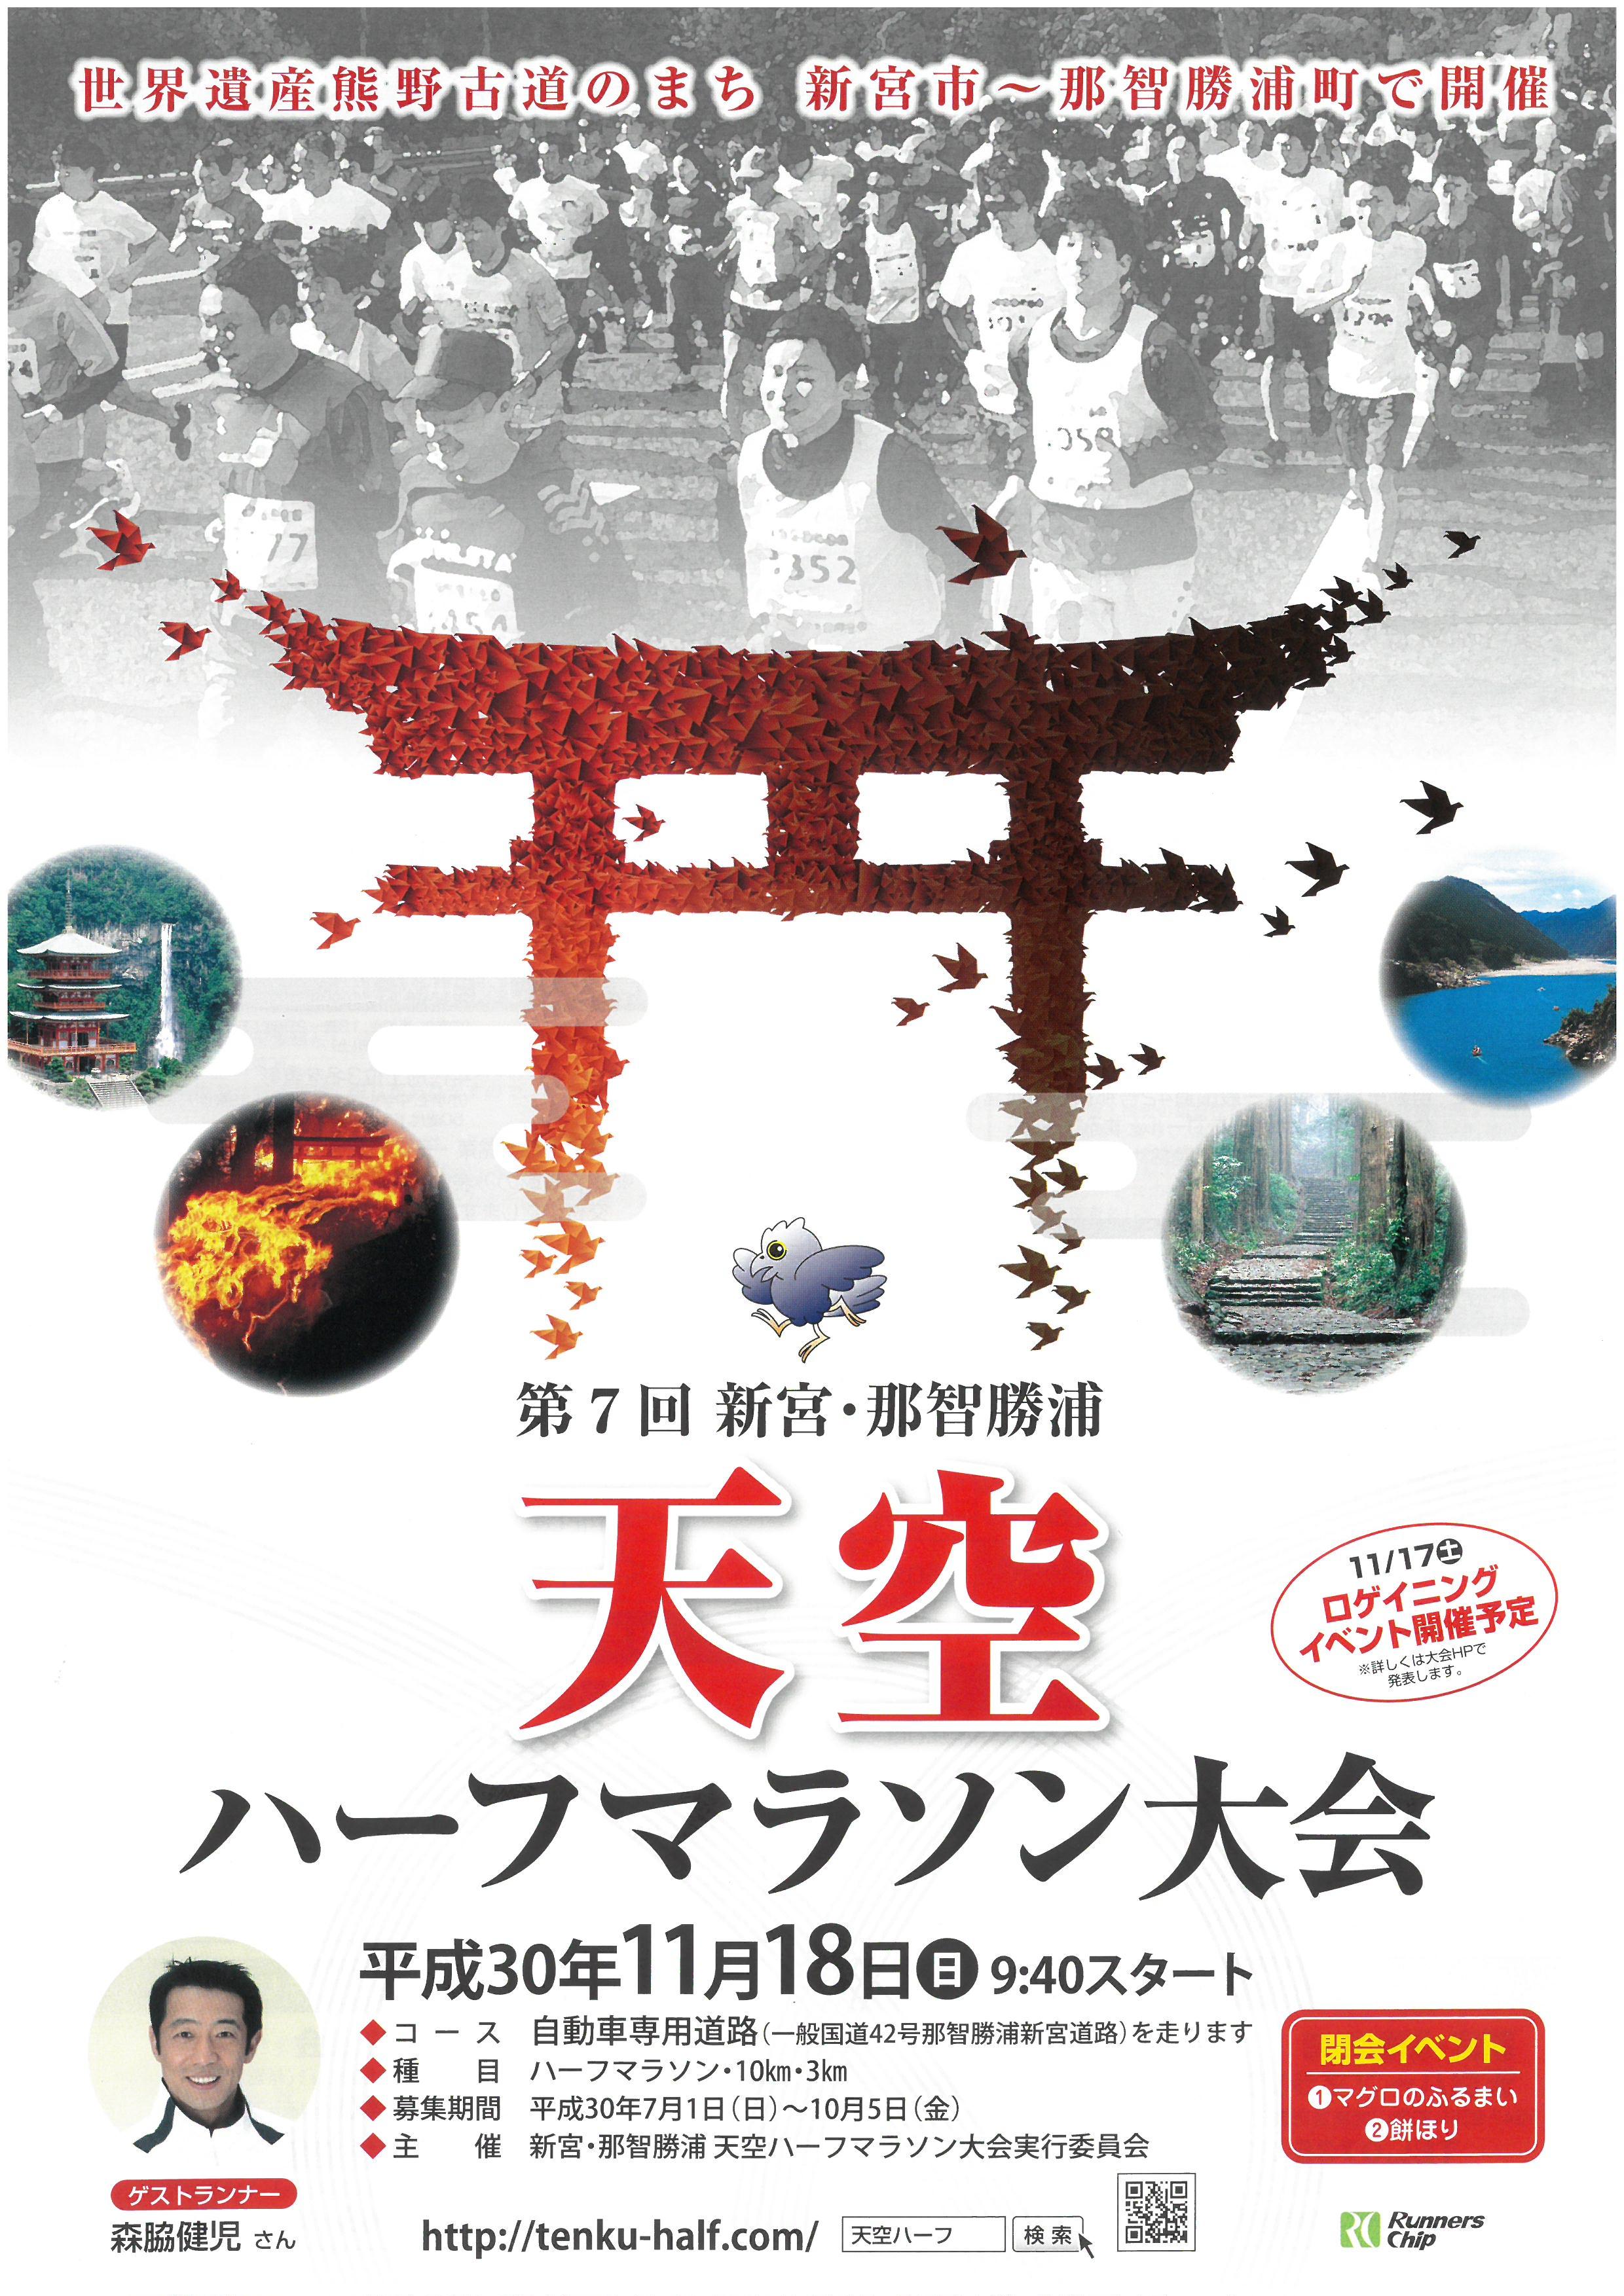 第7回 新宮・那智勝浦天空ハーフマラソン大会の開催について!